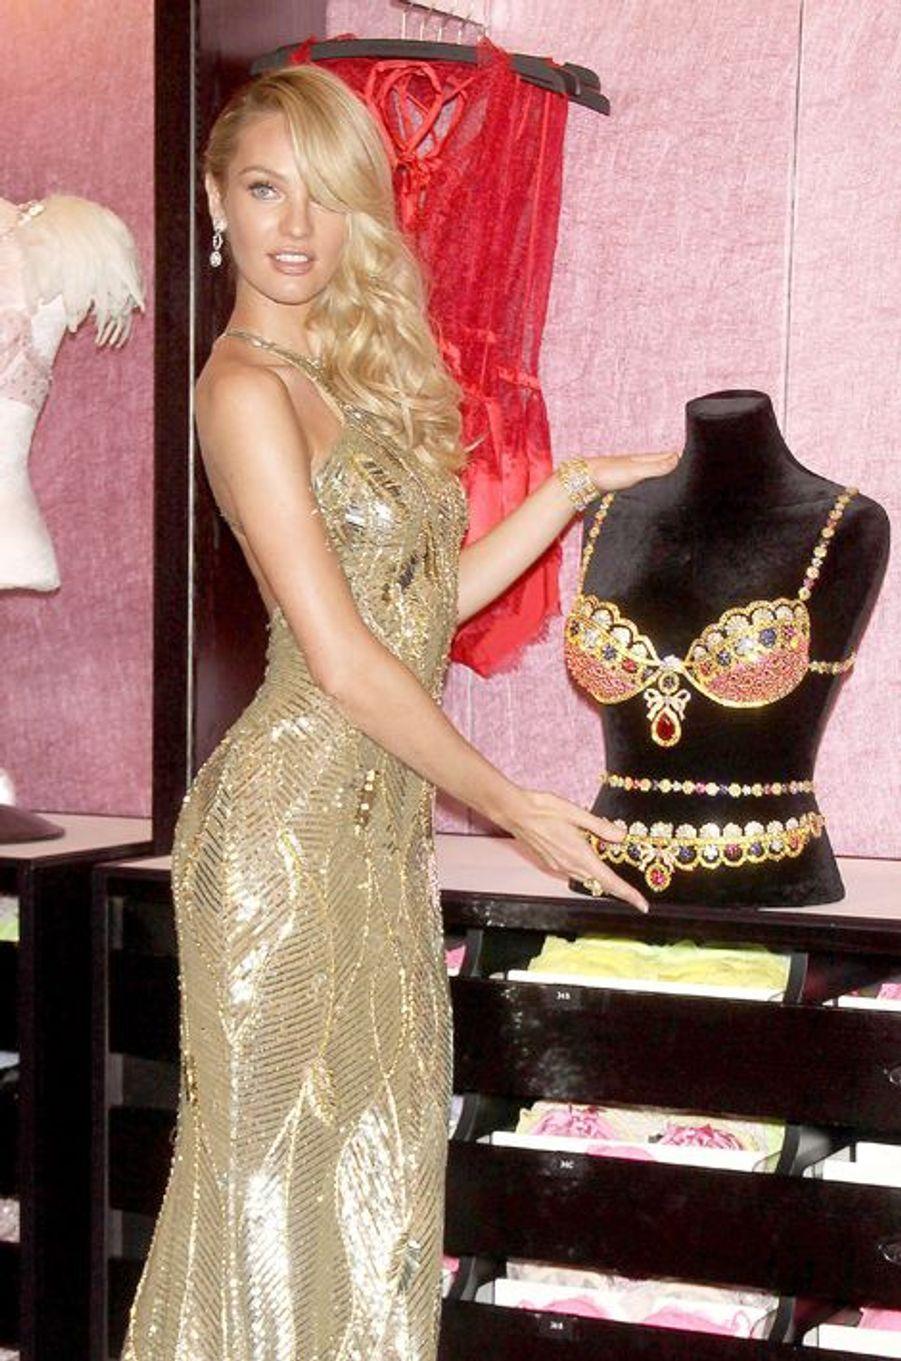 """Candice Swanepoel en 2013 : un """"Royal Fantasy Bra"""" estimé à 10 millions de dollars"""